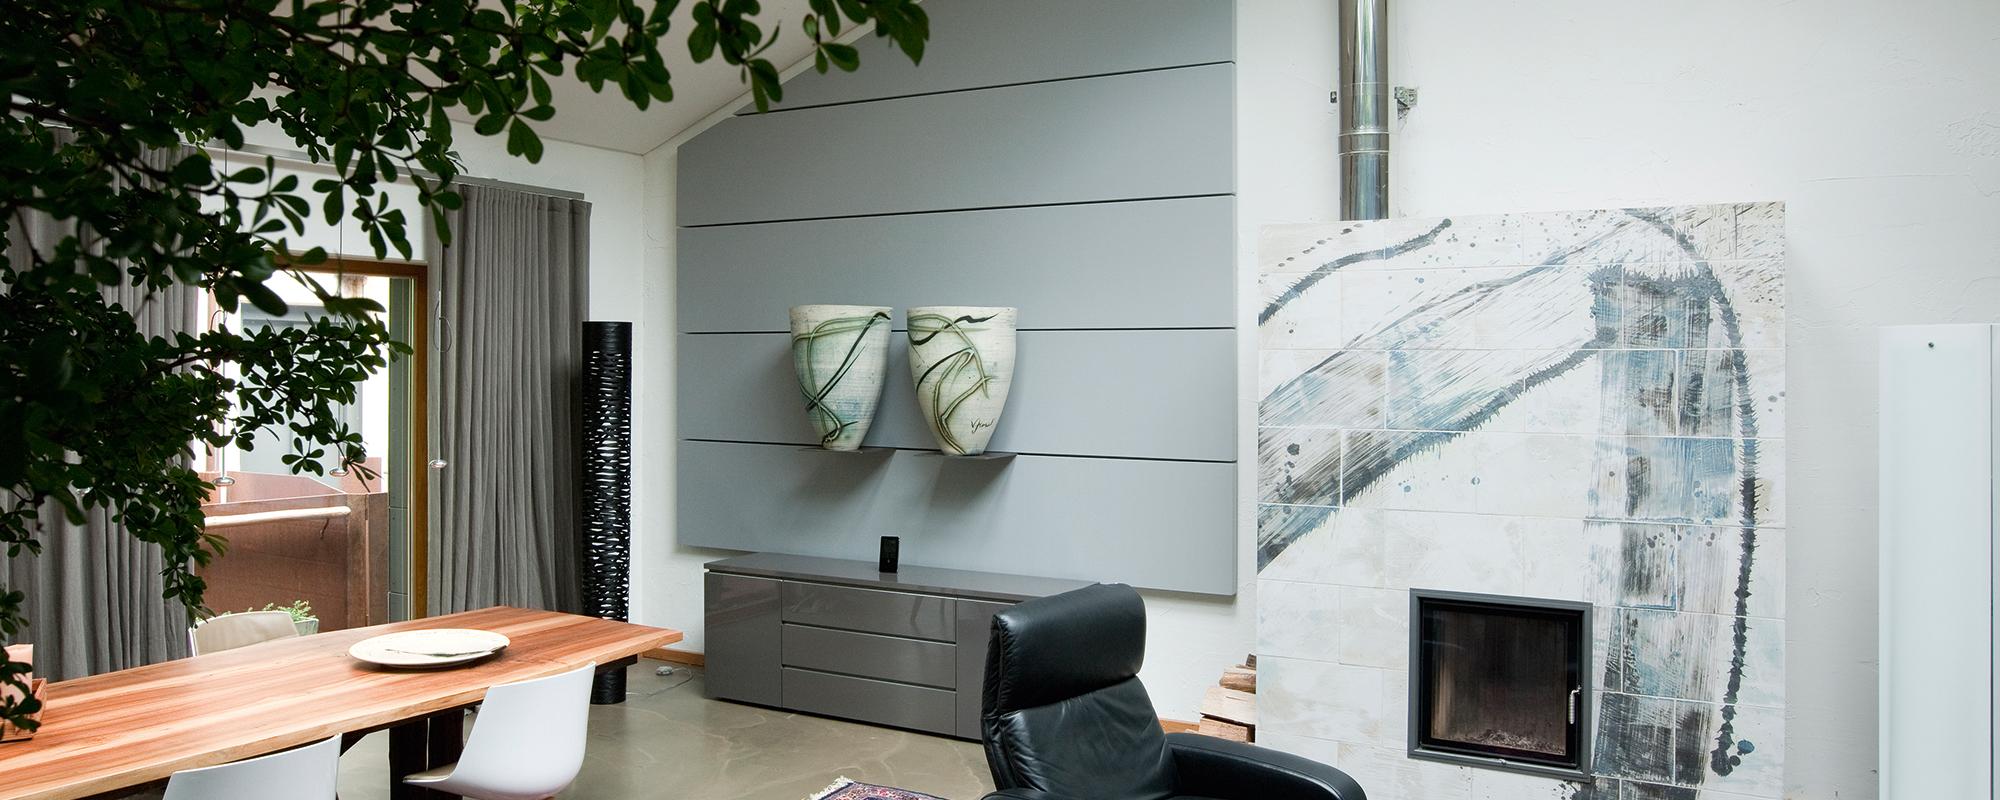 akustik wandabsorber color akustikkunst. Black Bedroom Furniture Sets. Home Design Ideas